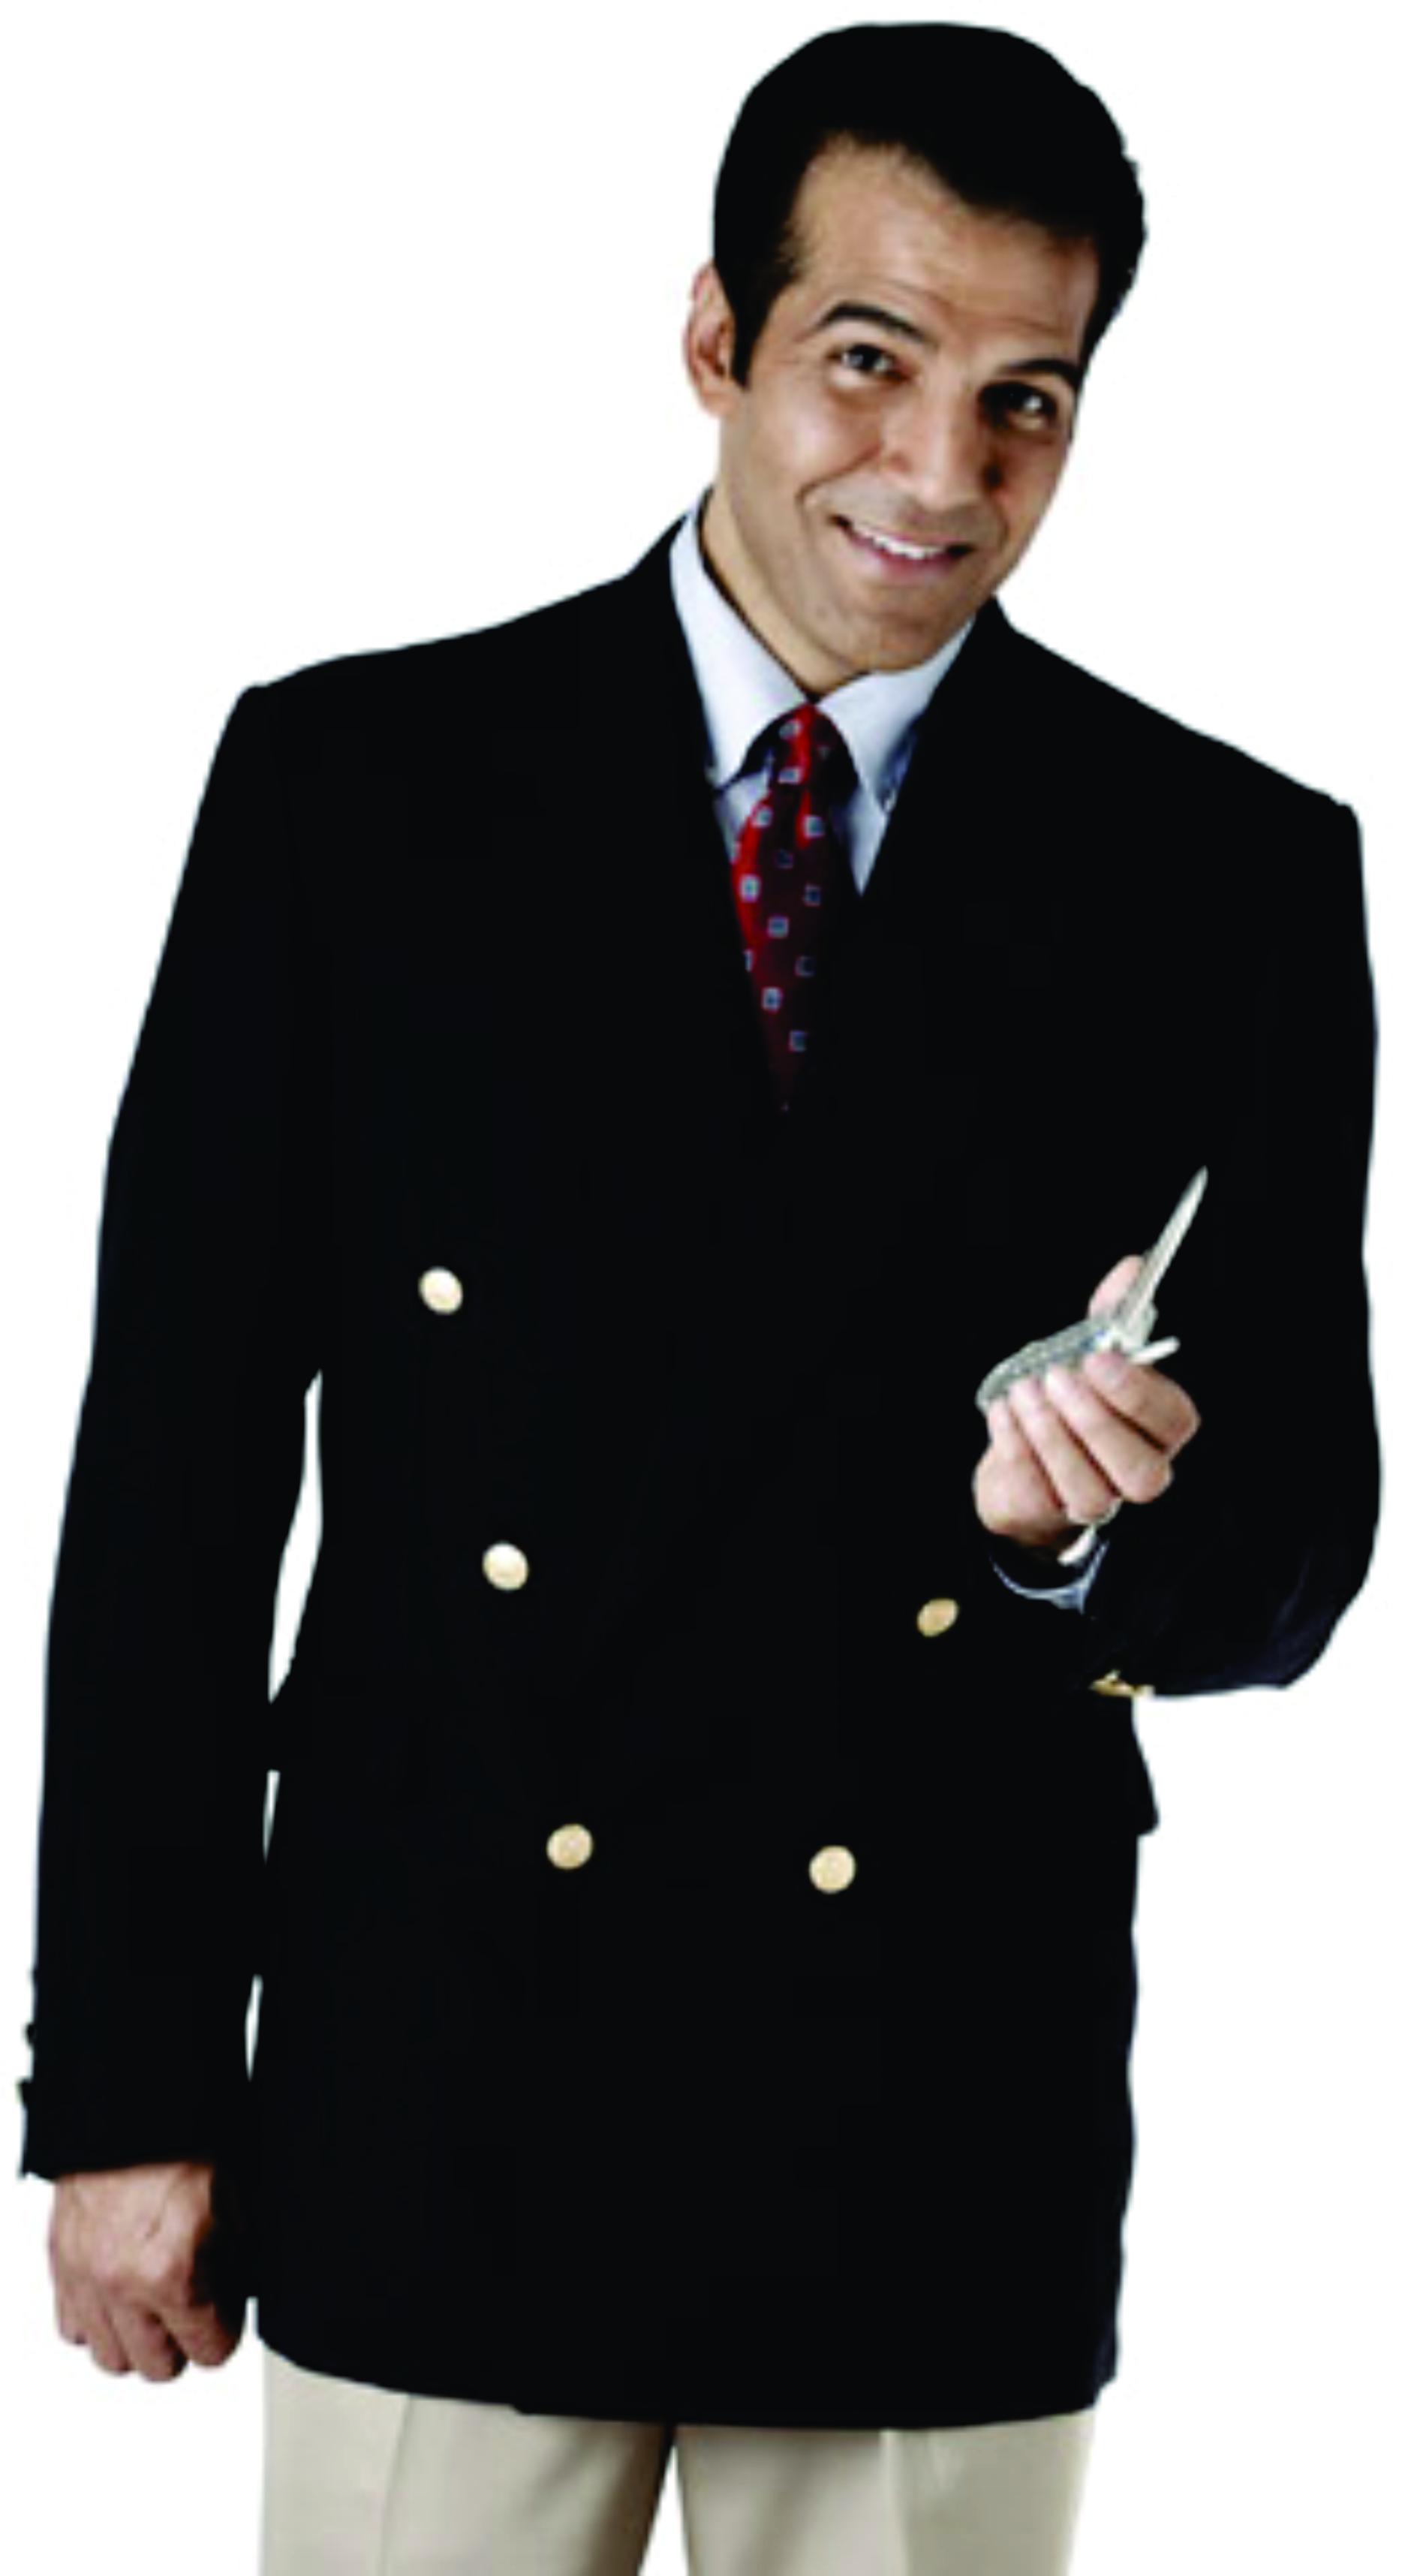 Captain Uniform 05